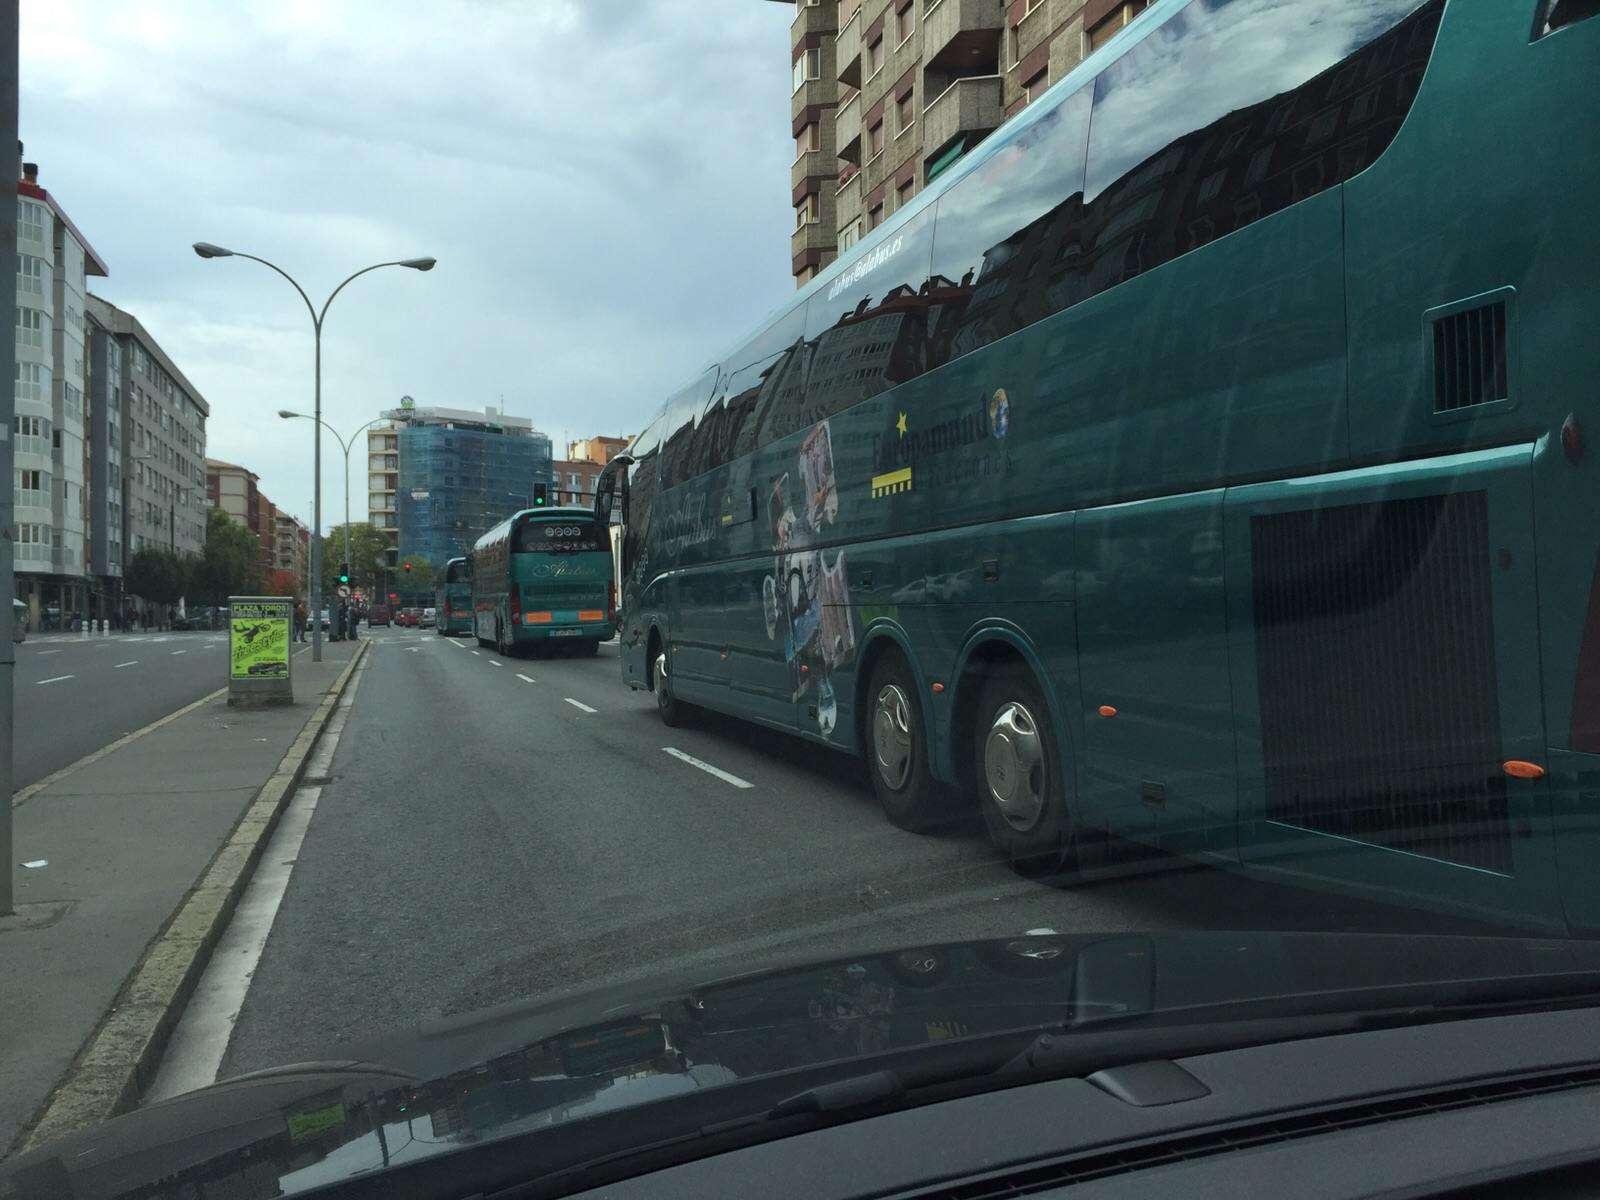 autobuses de alabus aparcados